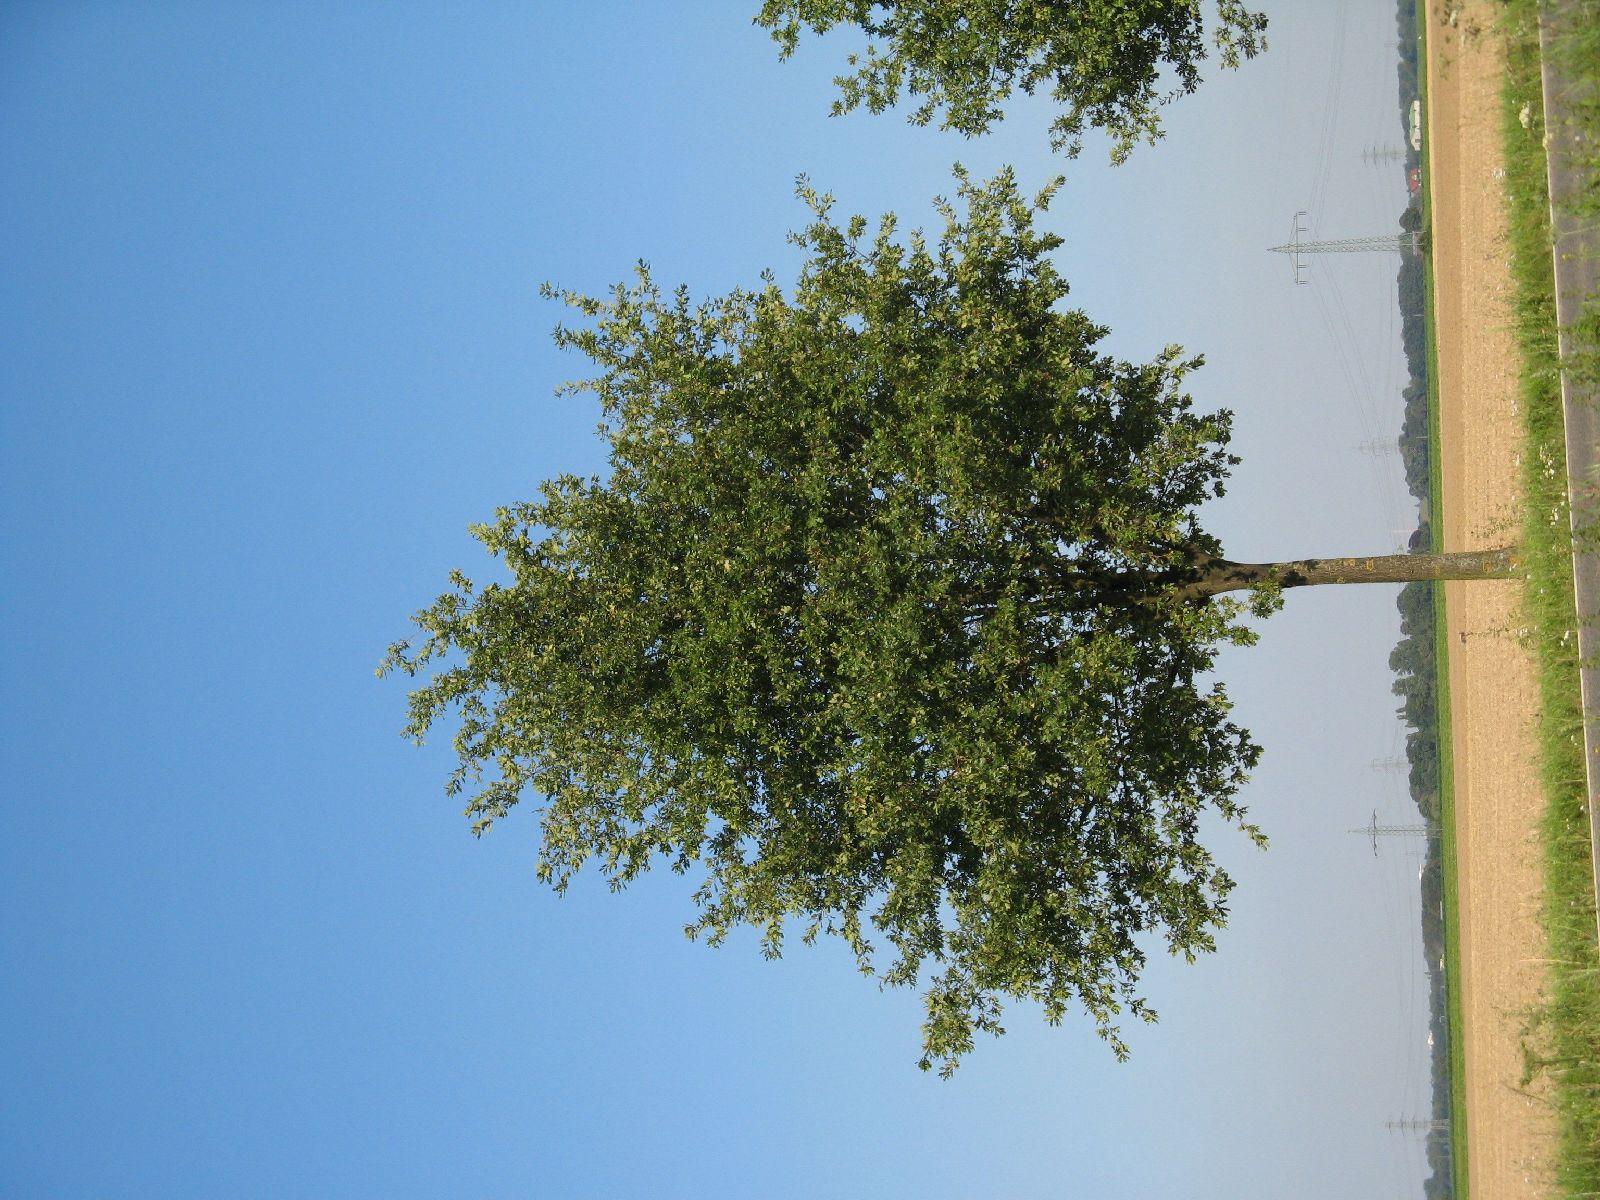 Pflanzen-Baum-Foto_Textur_B_1223